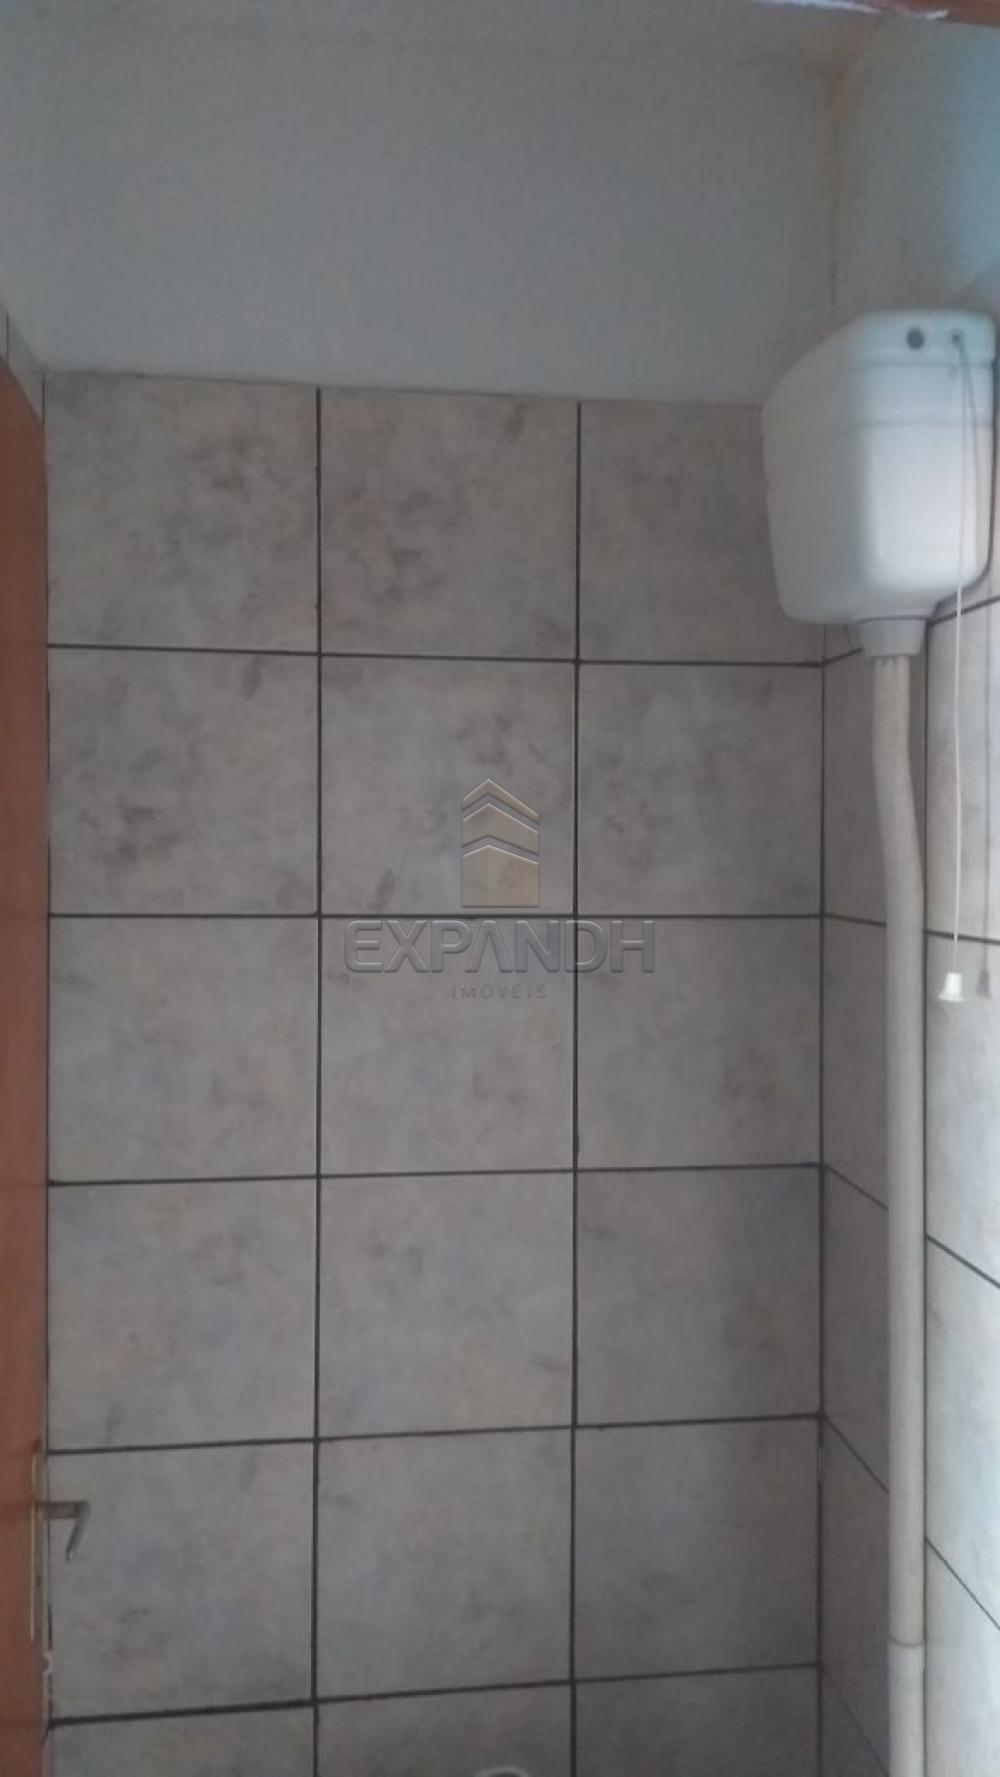 Alugar Comerciais / Salão em Sertãozinho apenas R$ 650,00 - Foto 6